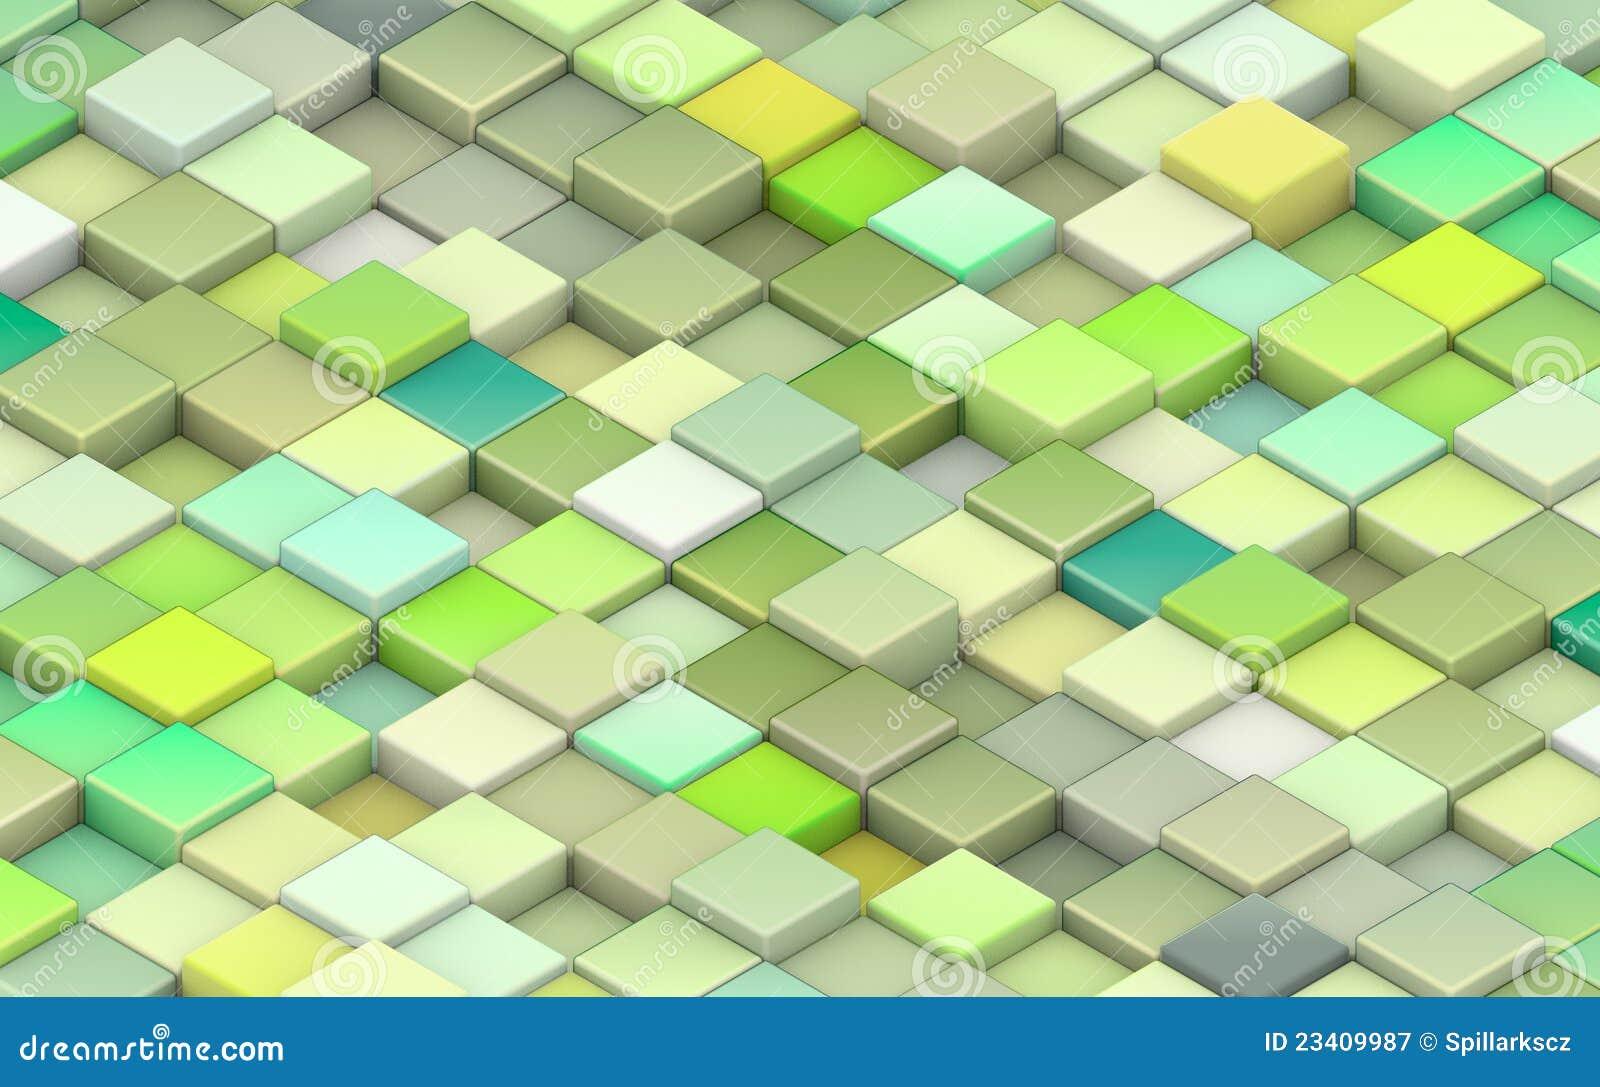 cubes 3d dans diff rentes nuances de vert photographie stock libre de droits image 23409987. Black Bedroom Furniture Sets. Home Design Ideas